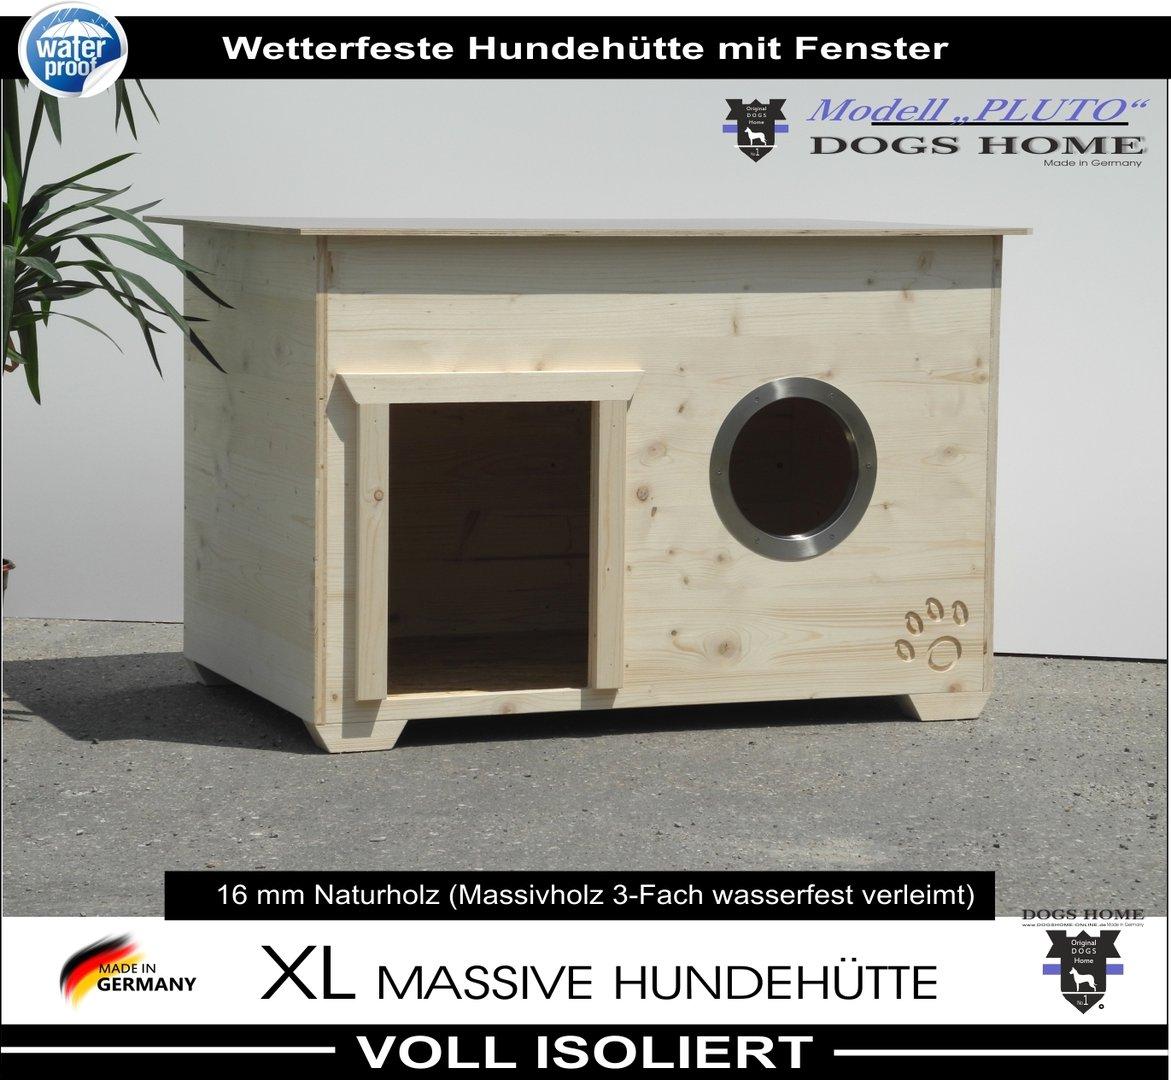 dogshome hundehütte pluto + fenster 100 l isoliert wetterfest